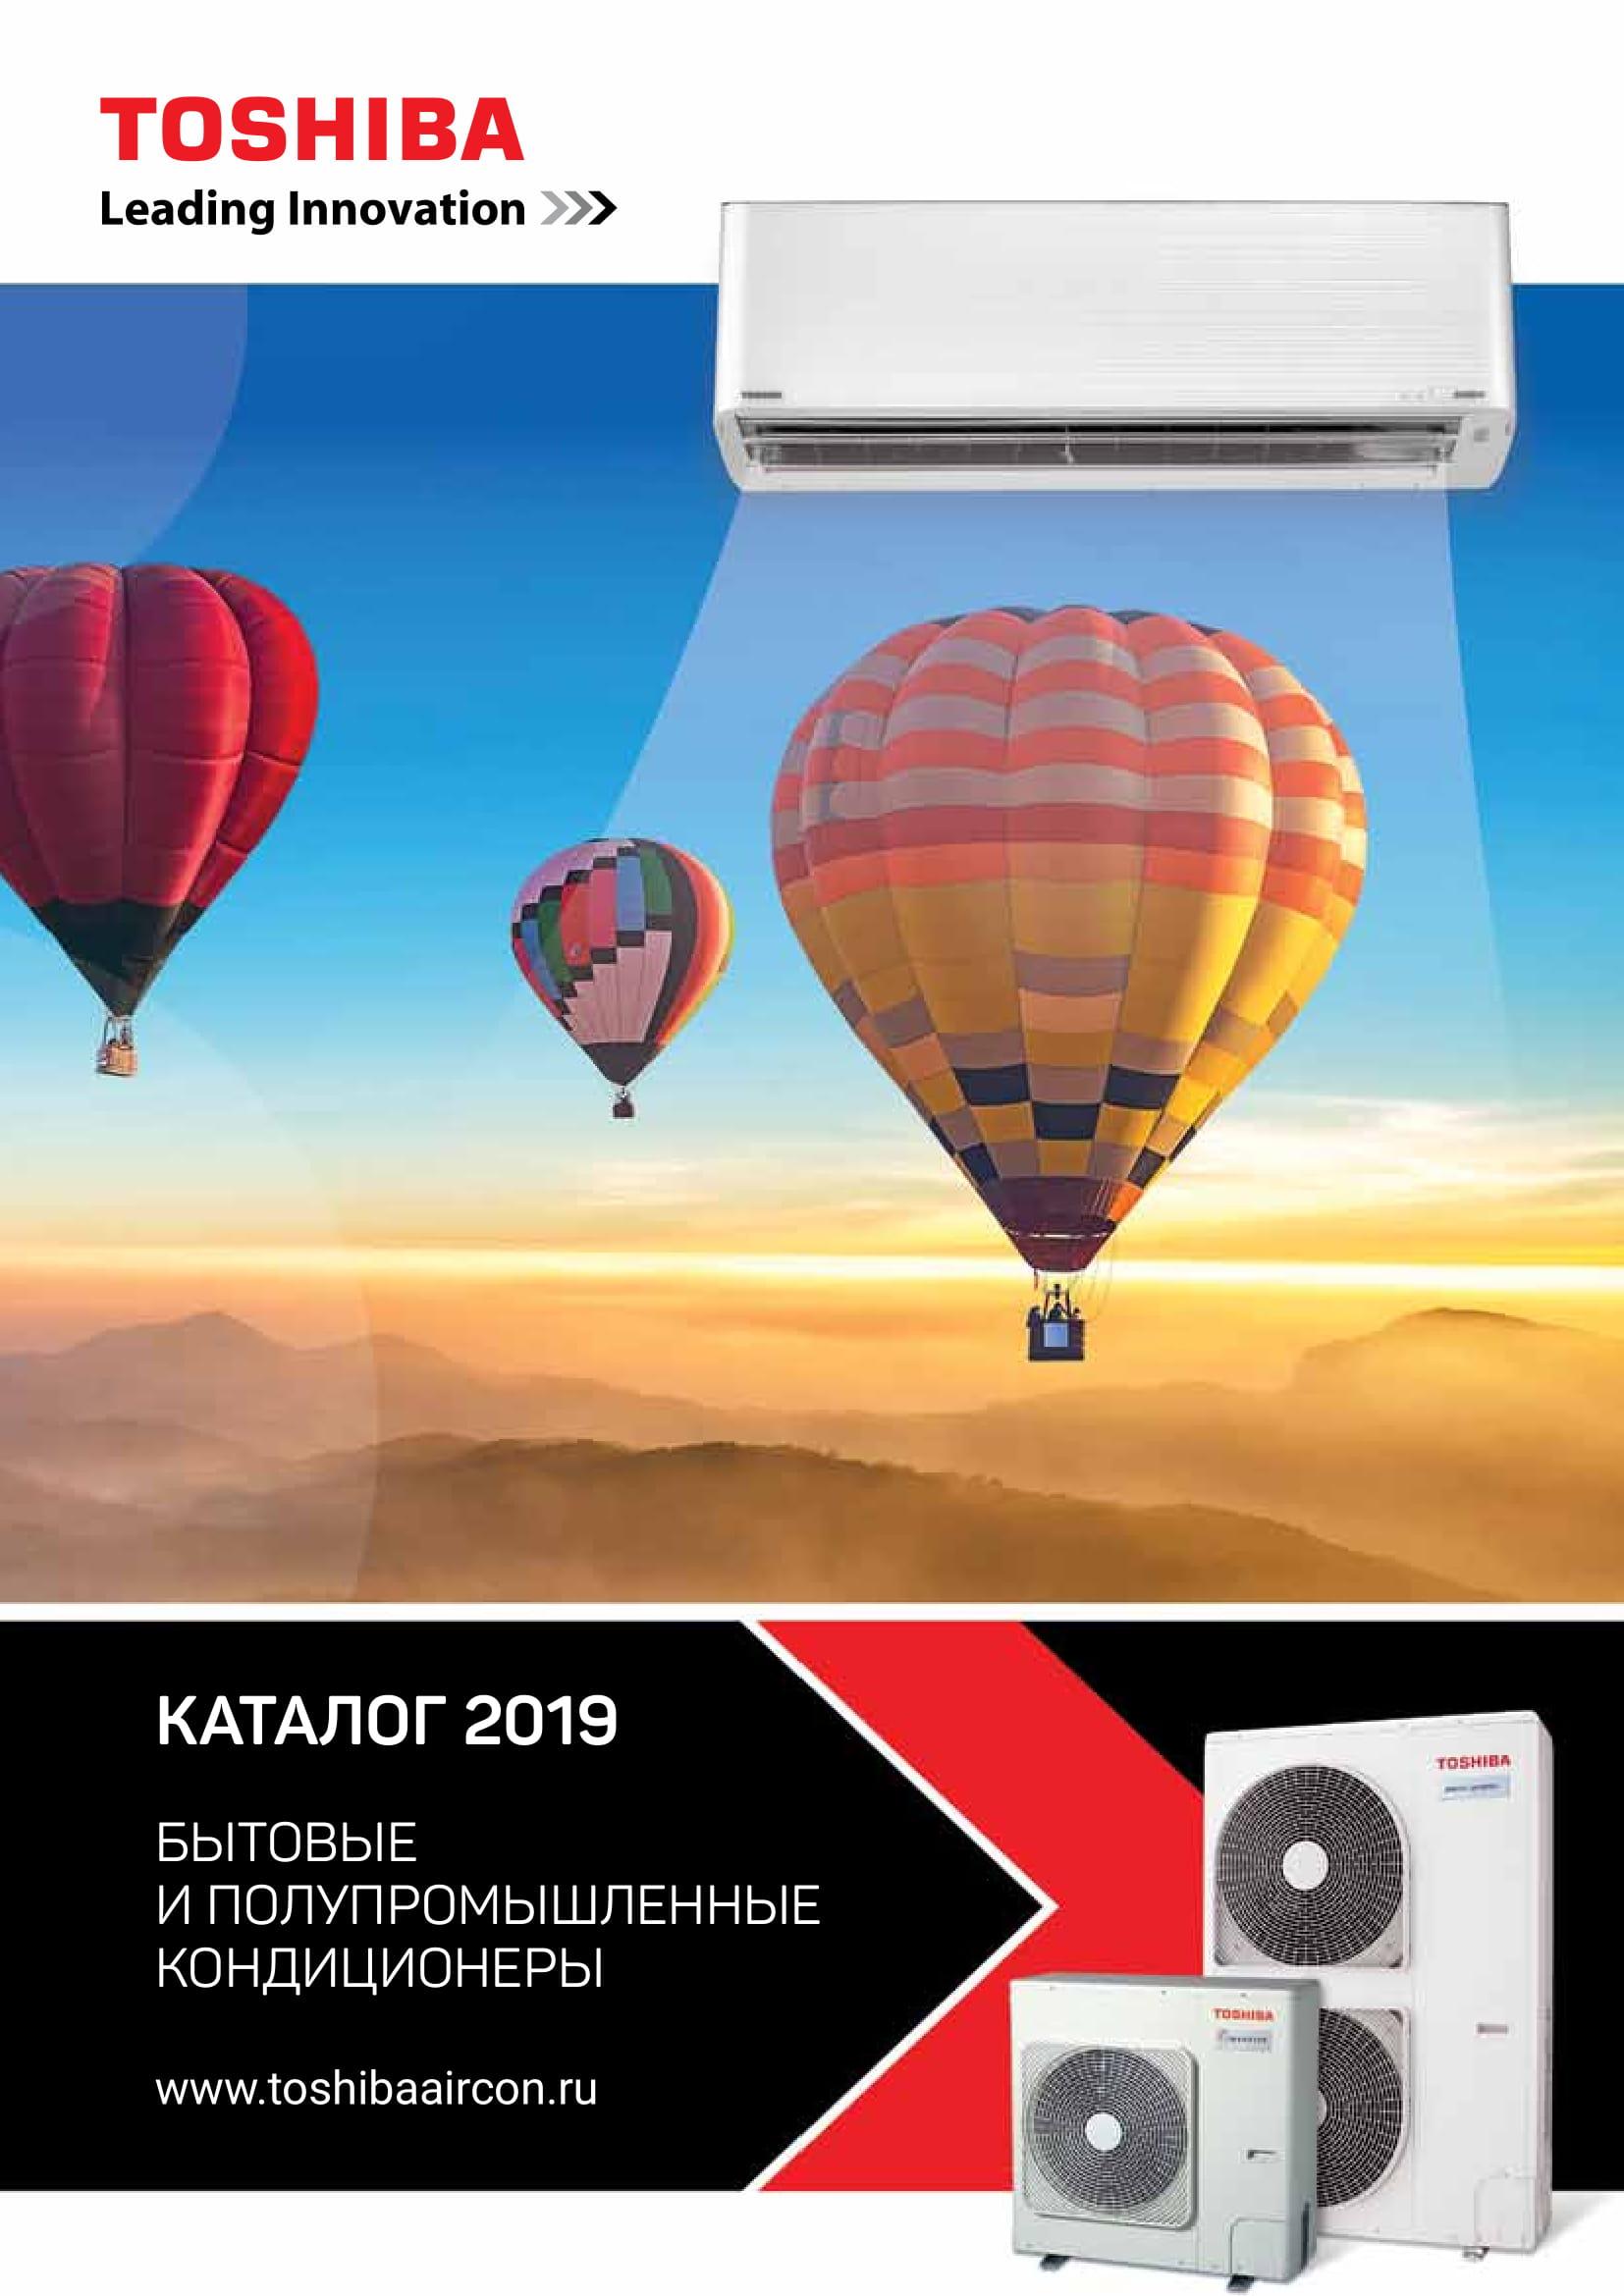 Каталог - 2019: Бытовые и полупром. кондиционеры Toshiba